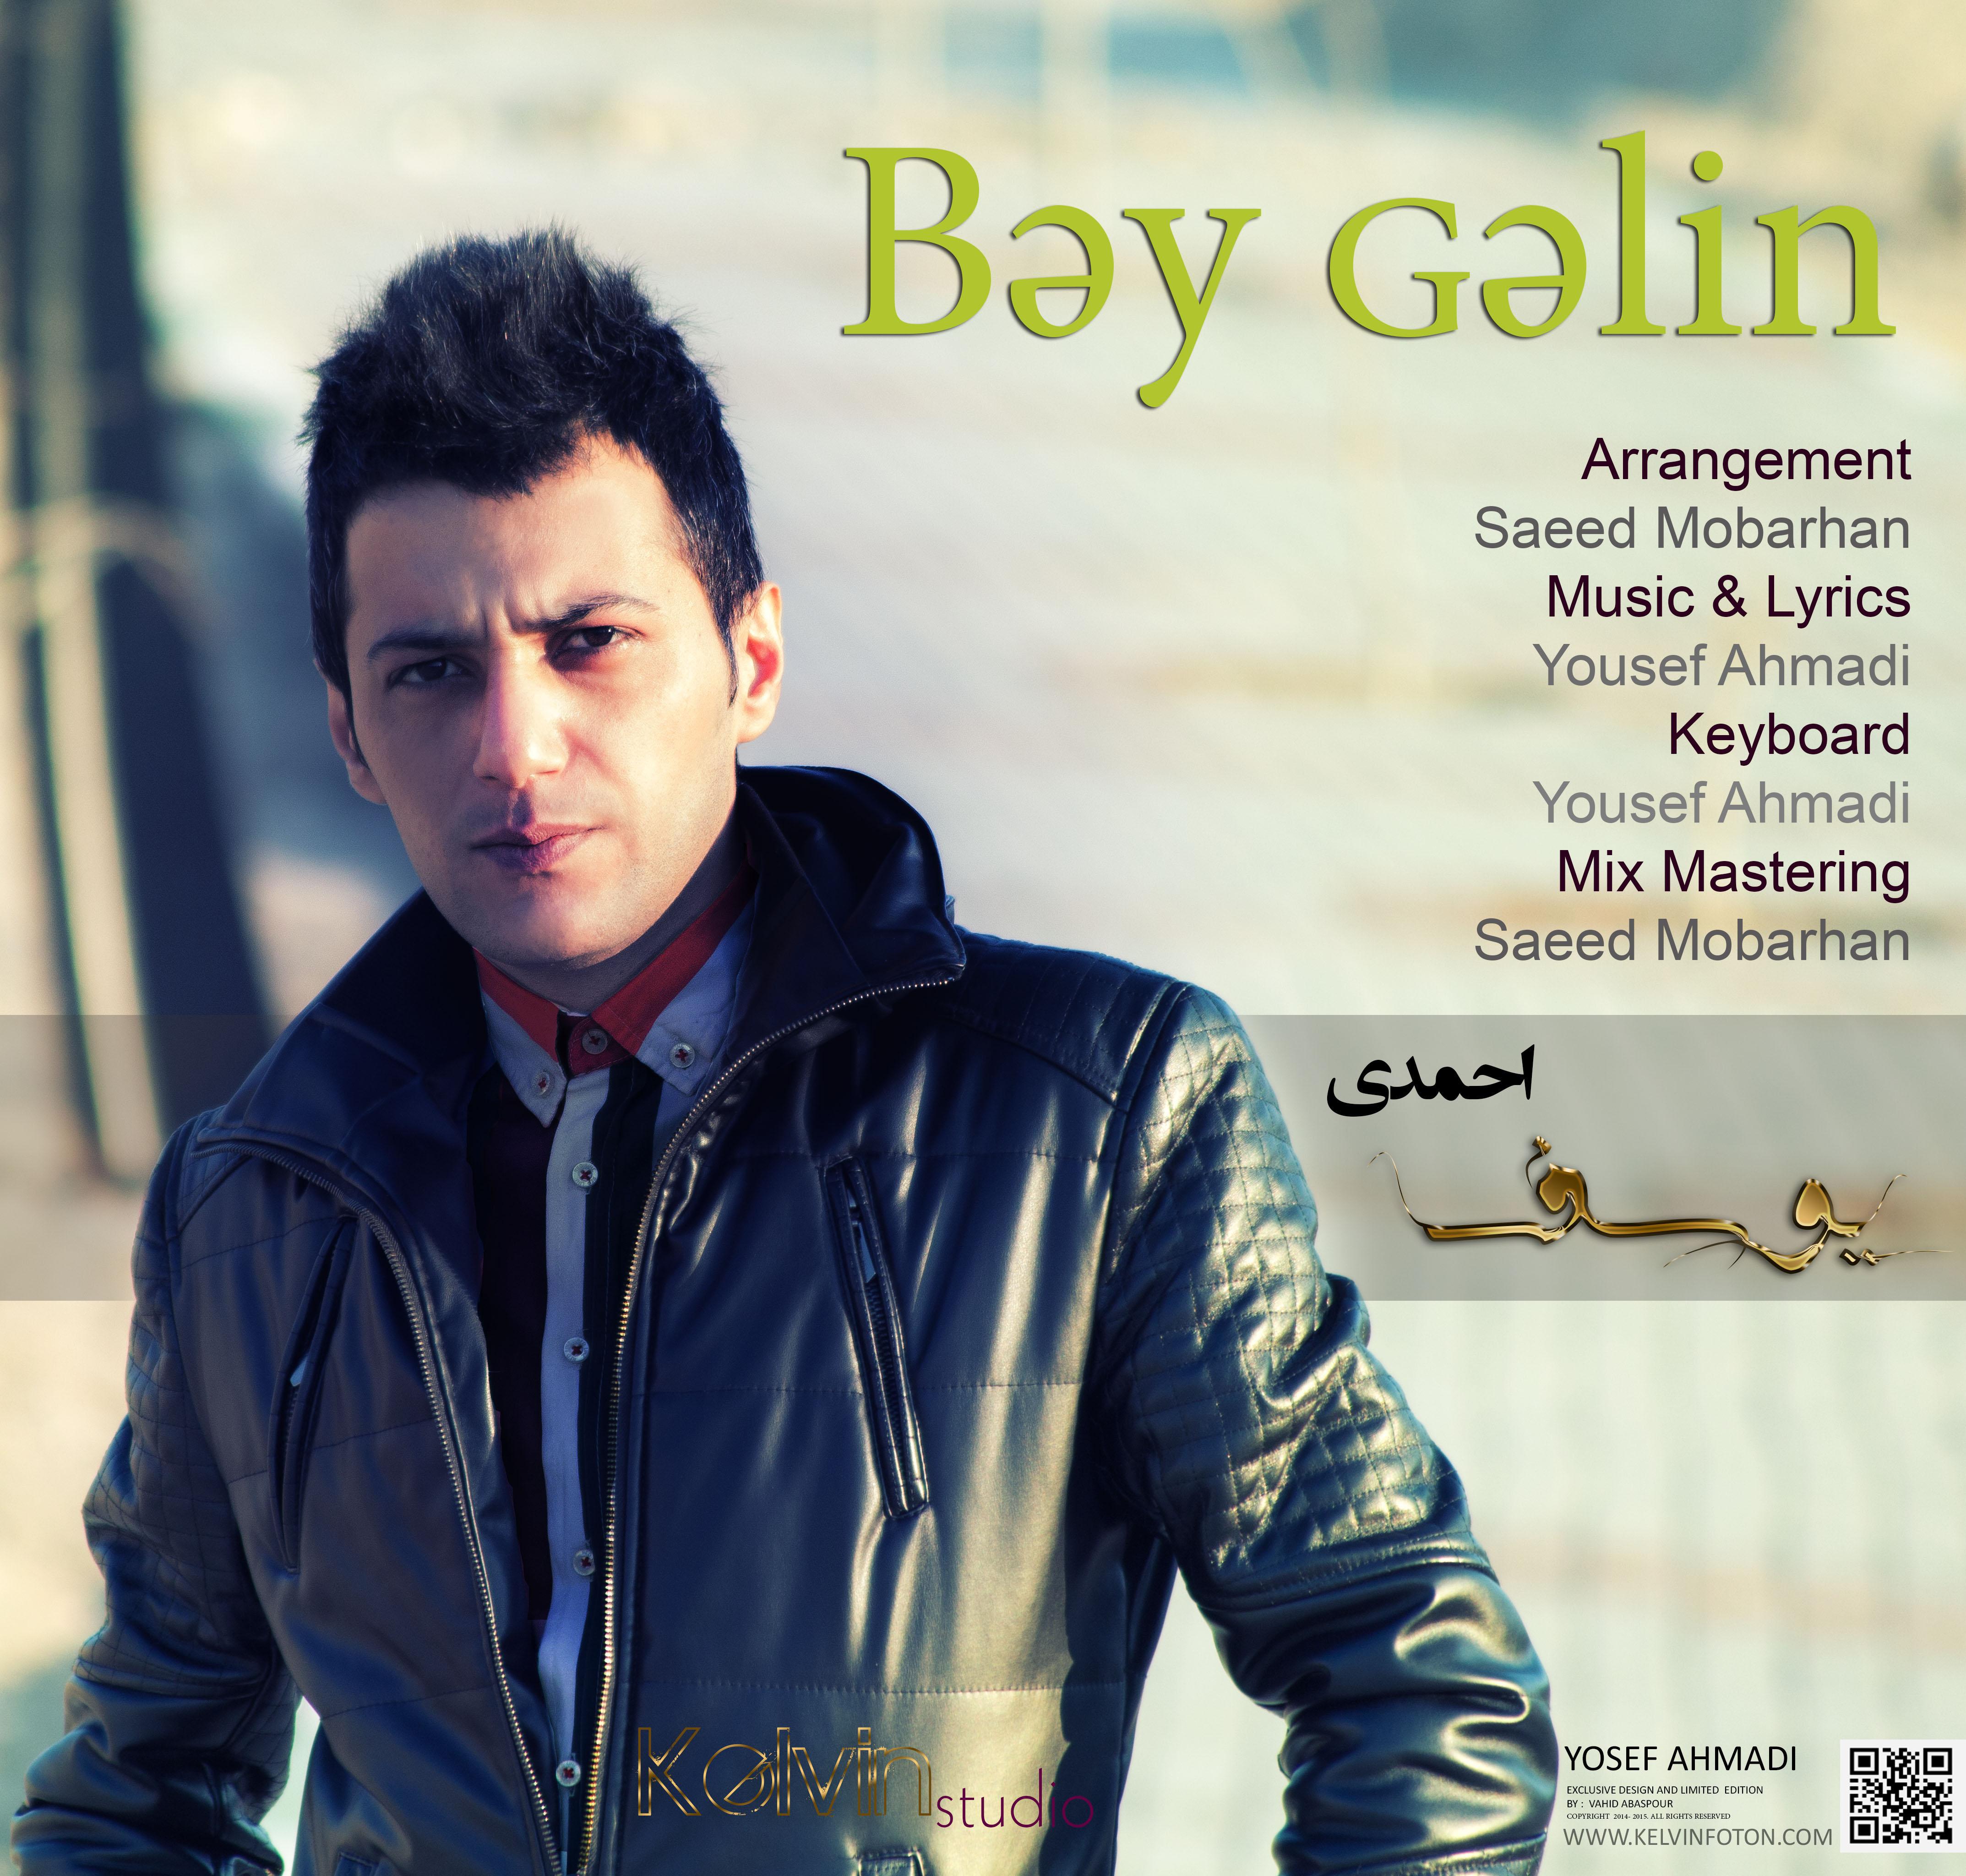 http://s9.picofile.com/file/8292035676/04Yousef_Ahmadi_Bay_Galin.jpg